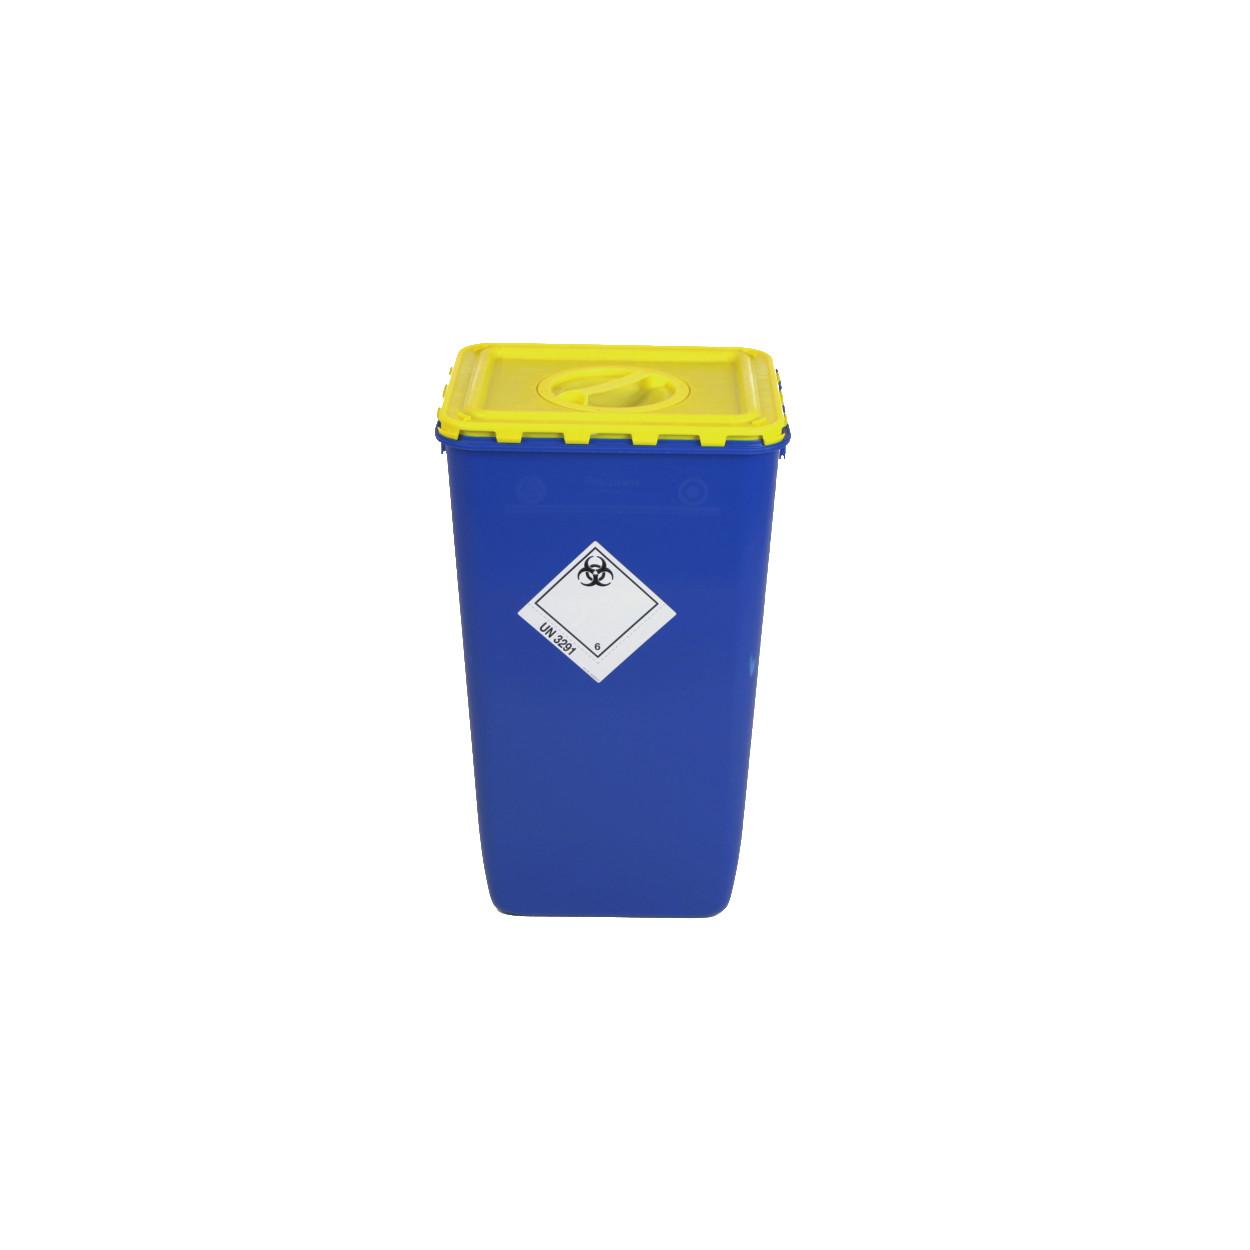 Pojemnik z klapą i otworem na zbiórkę bioodpadów - 60L